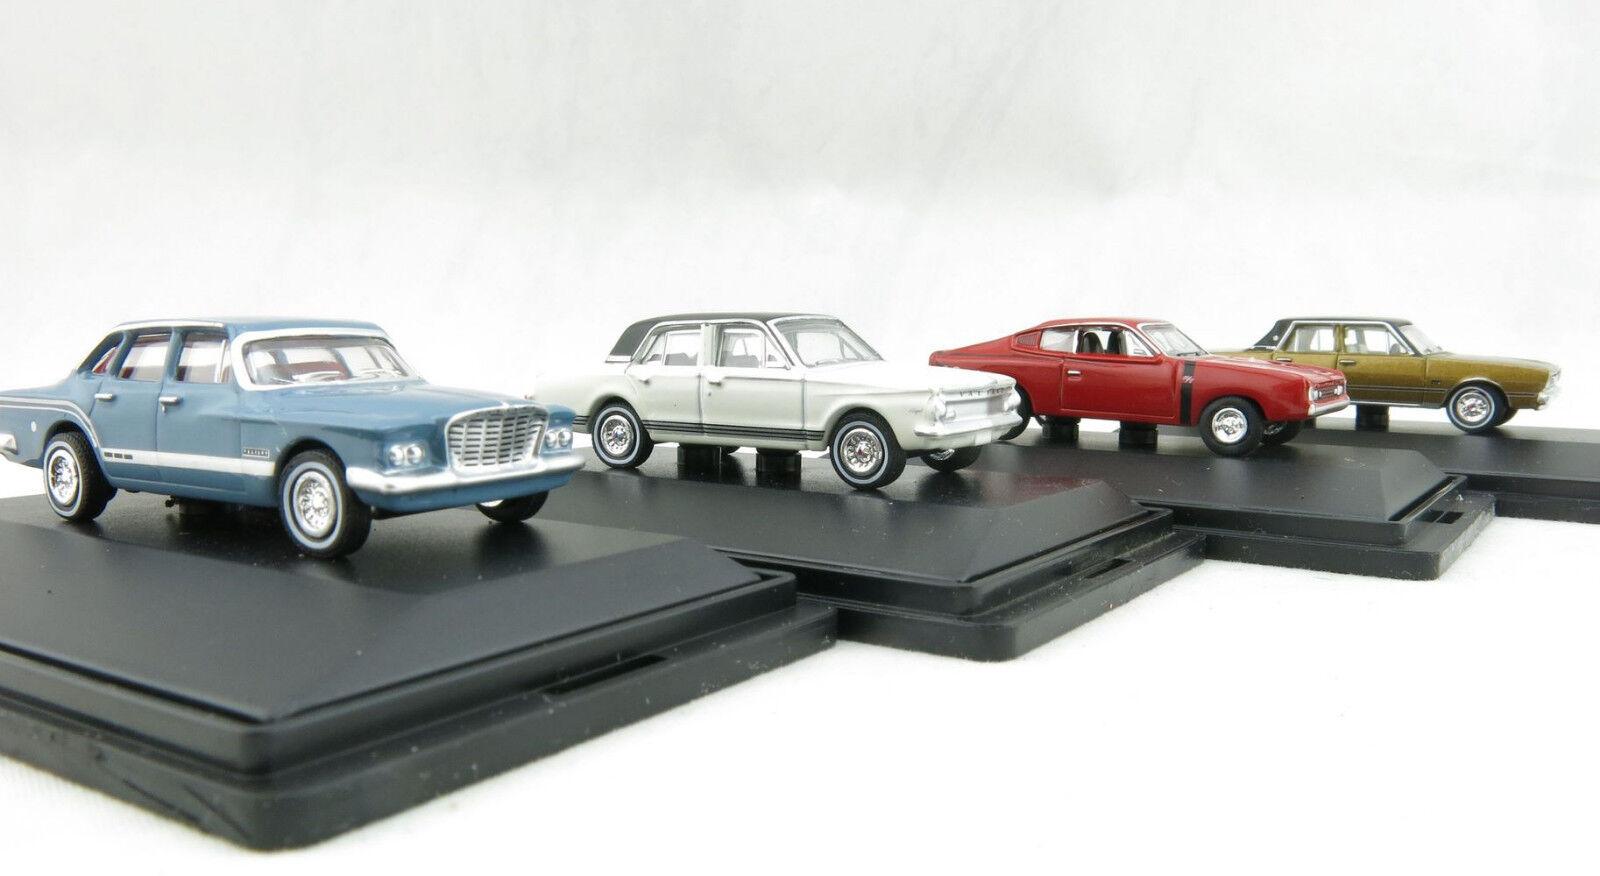 Road Ragers Australian Chrysler Valiant 4 bils S, VG, AP5 och Charger skala 1 87